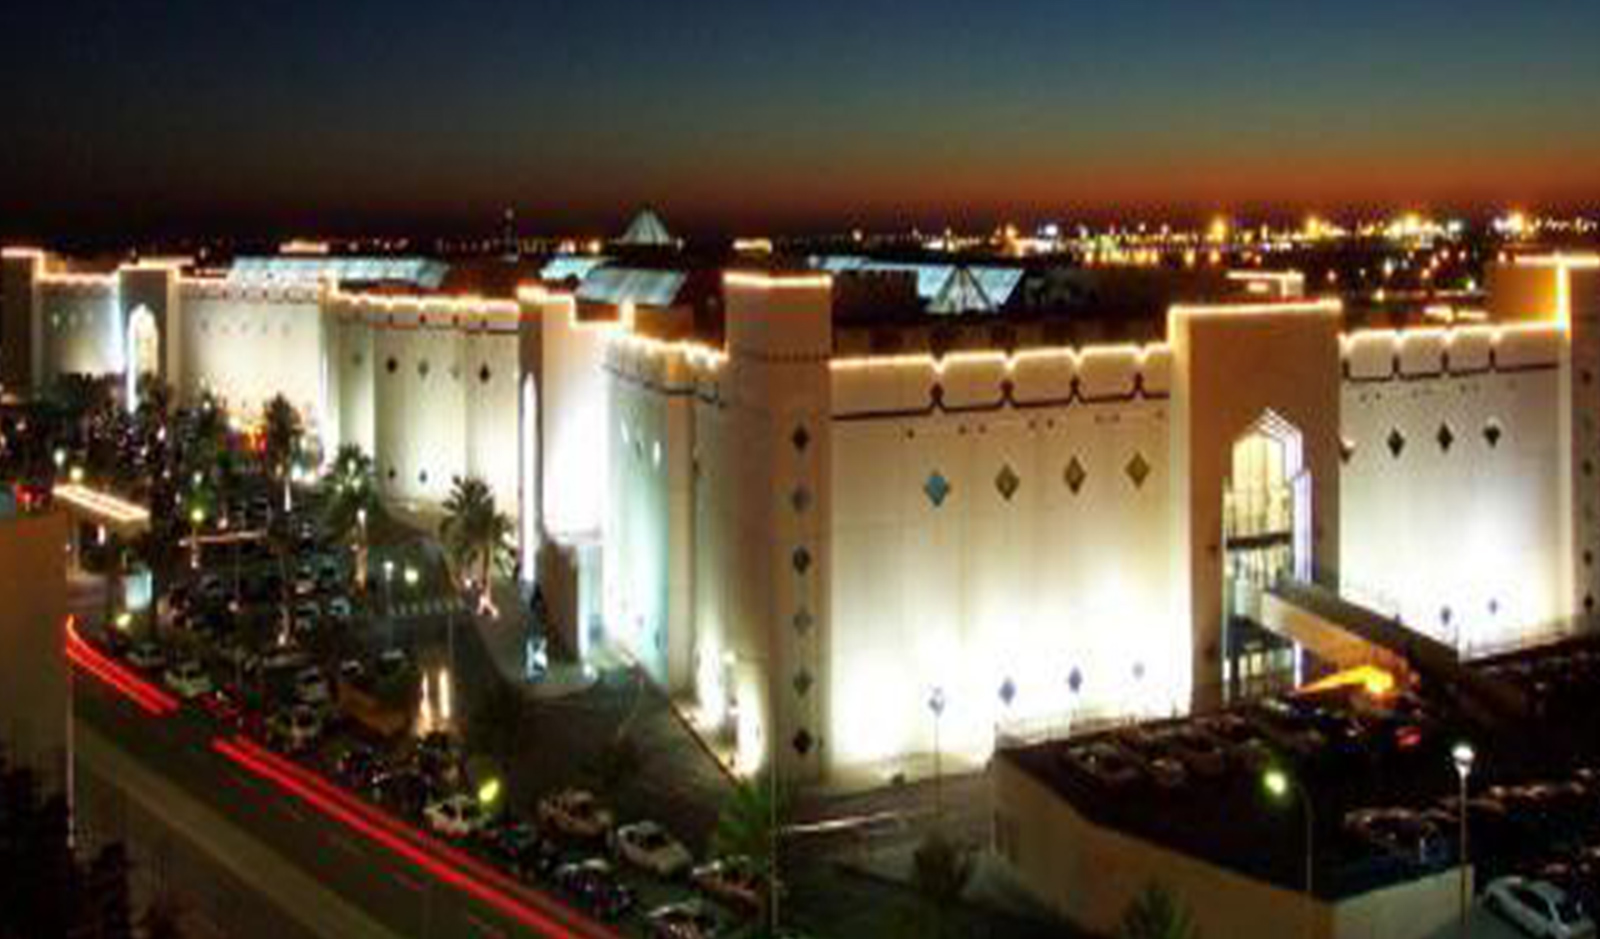 Al Rashid Shopping Mall